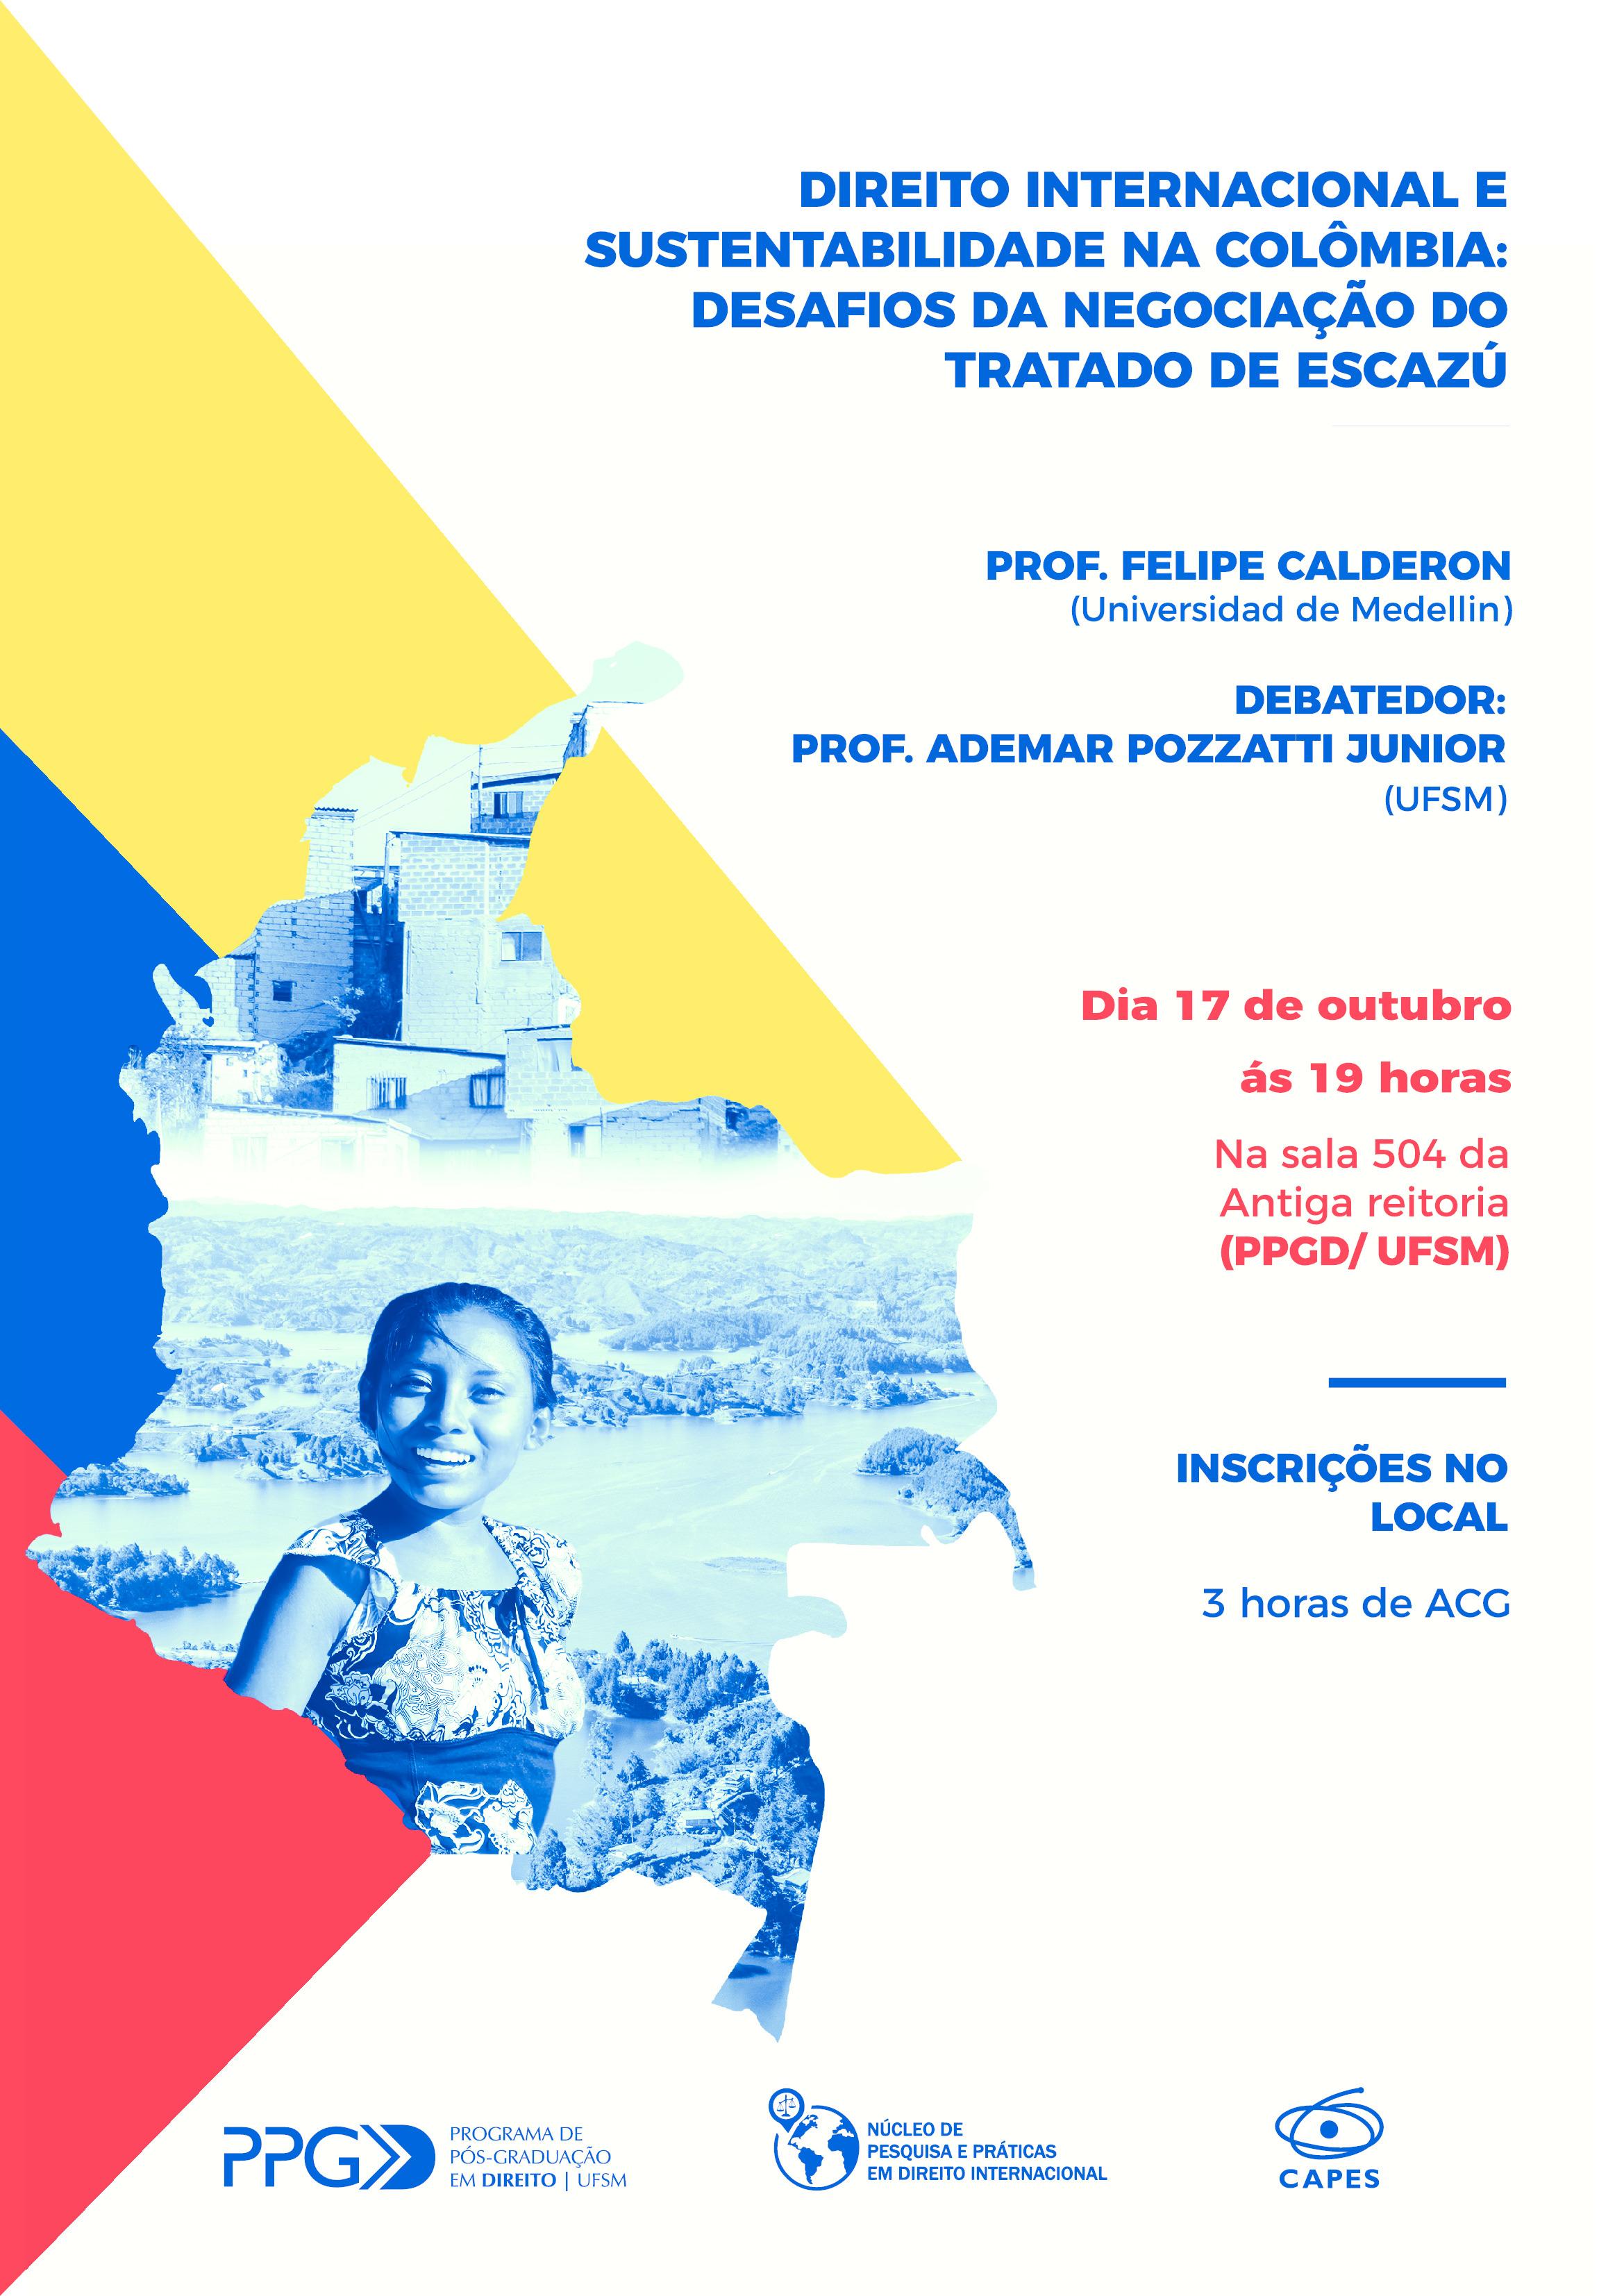 DIREITO INTERNACIONAL E SUSTENTABILIDADE NA COLOMBIA RGB